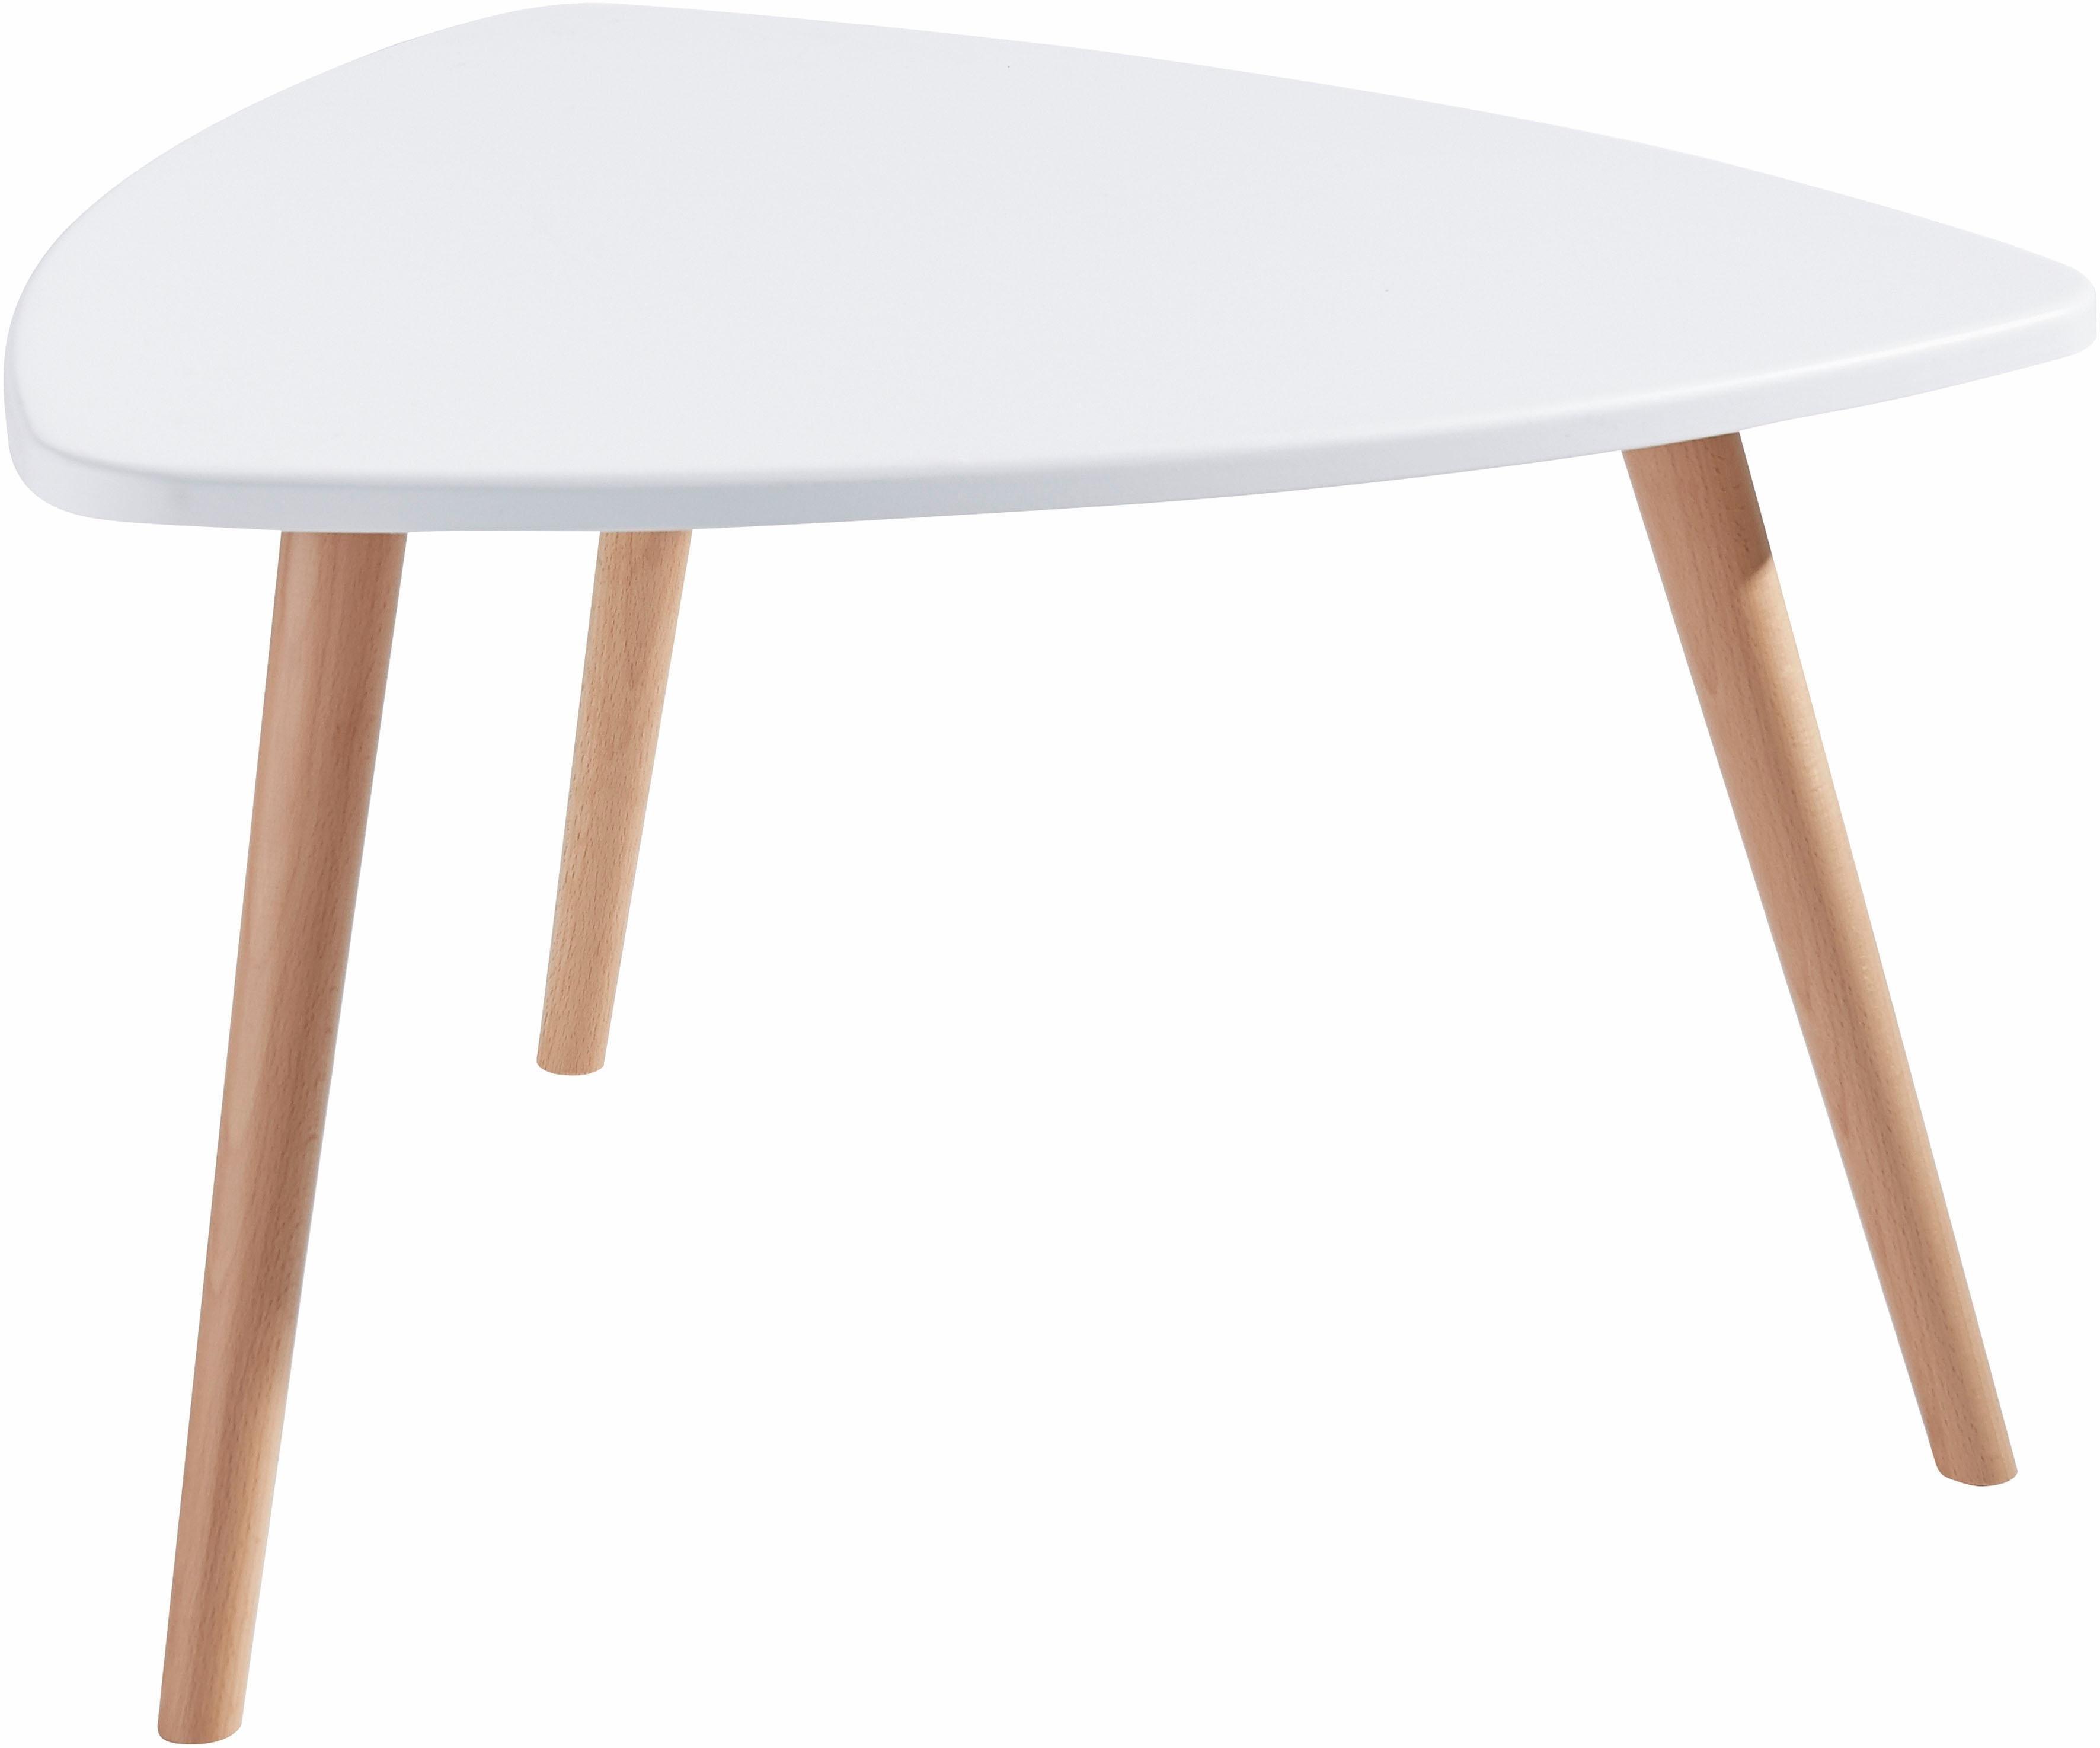 Wit Rond Tafeltje.Tafeltje In Afgerond Driehoekig Model